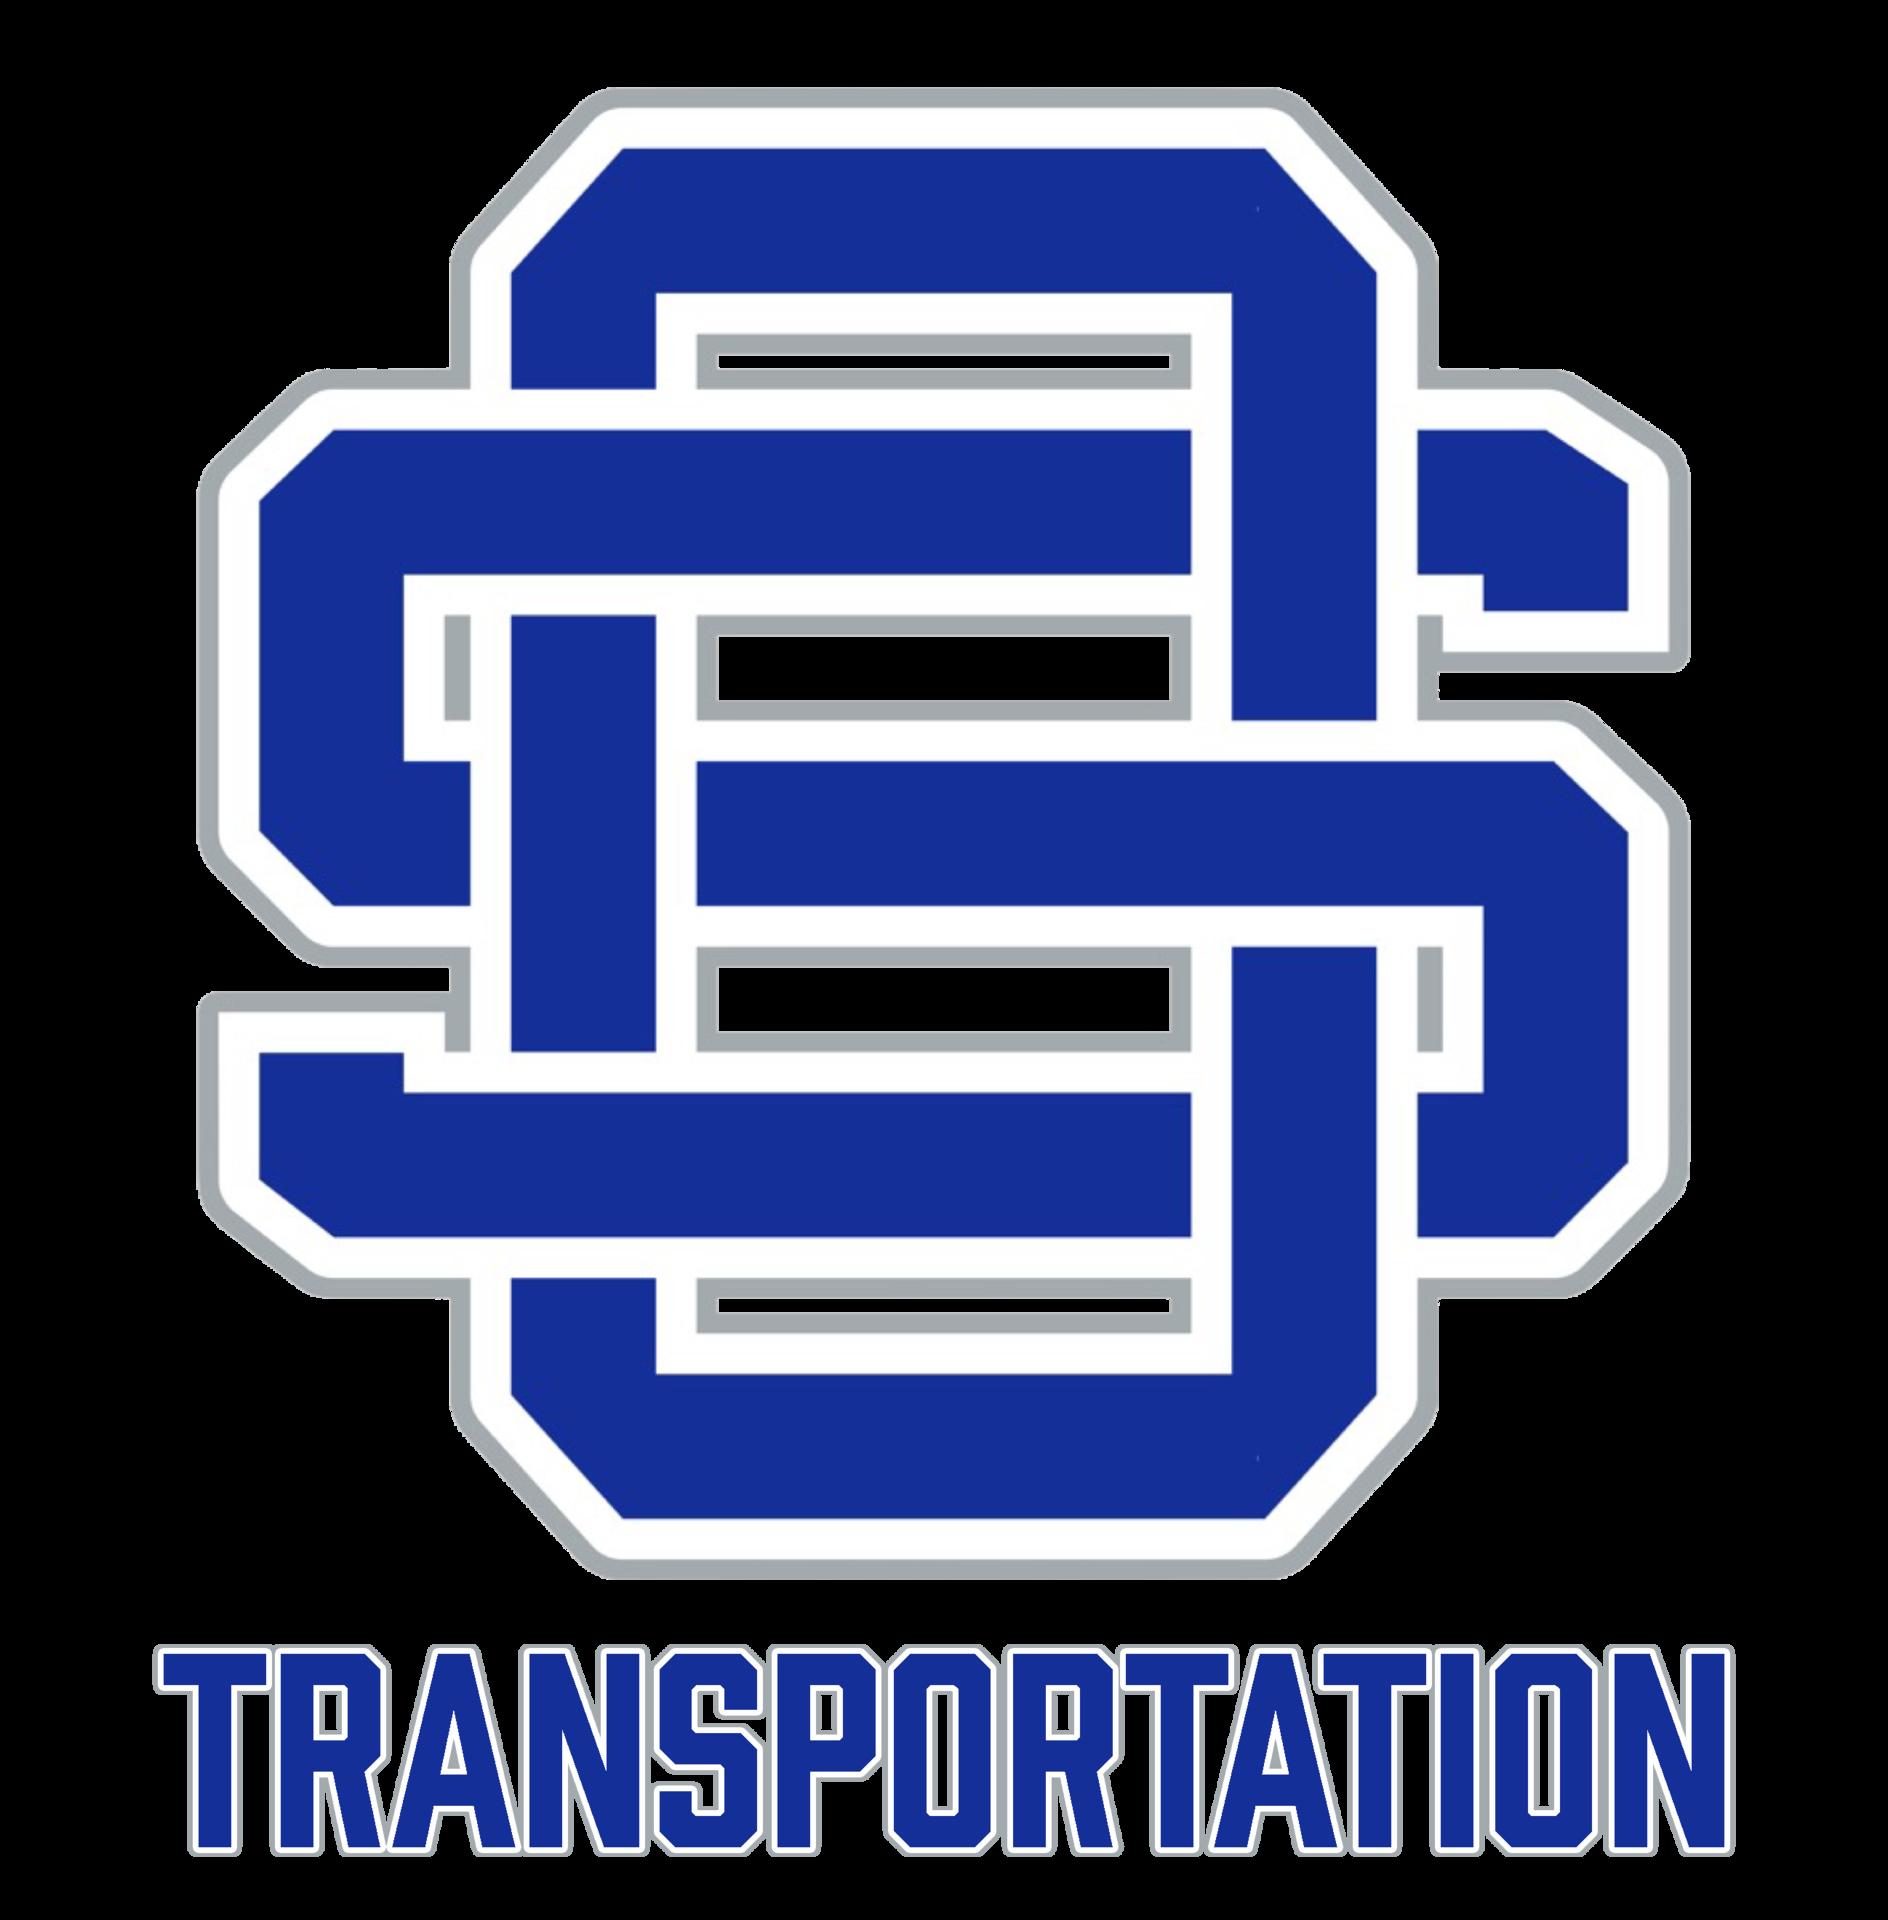 OSSD Transportation logo